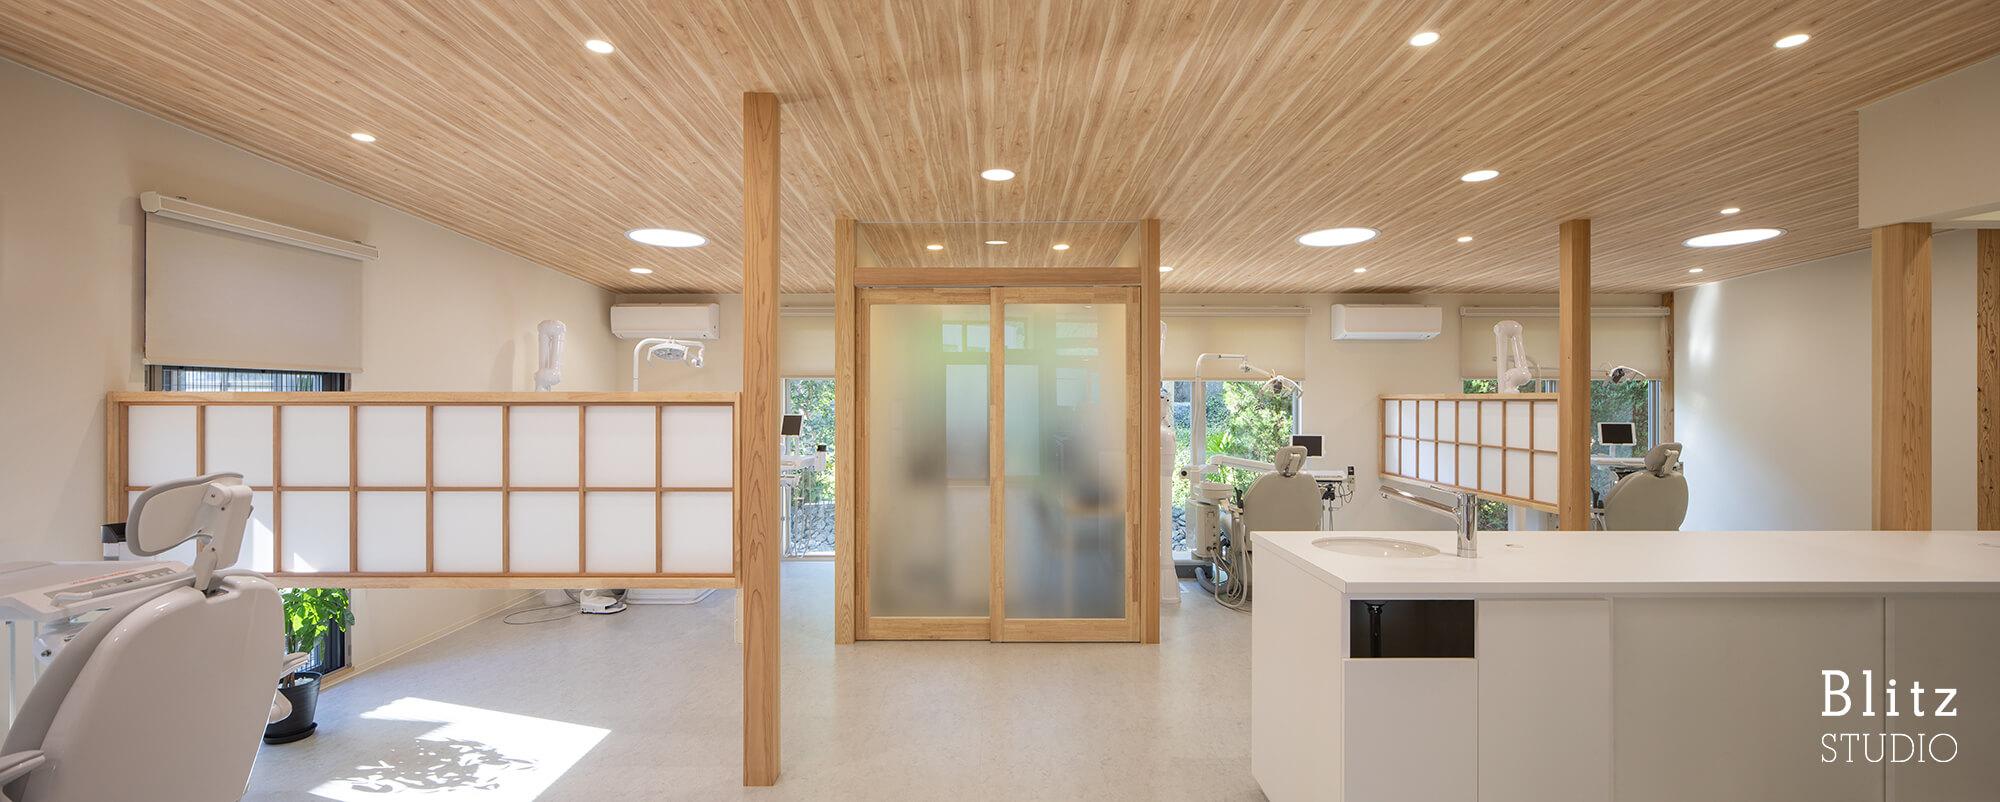 『江藤歯科医院』建築写真・竣工写真・インテリア写真7